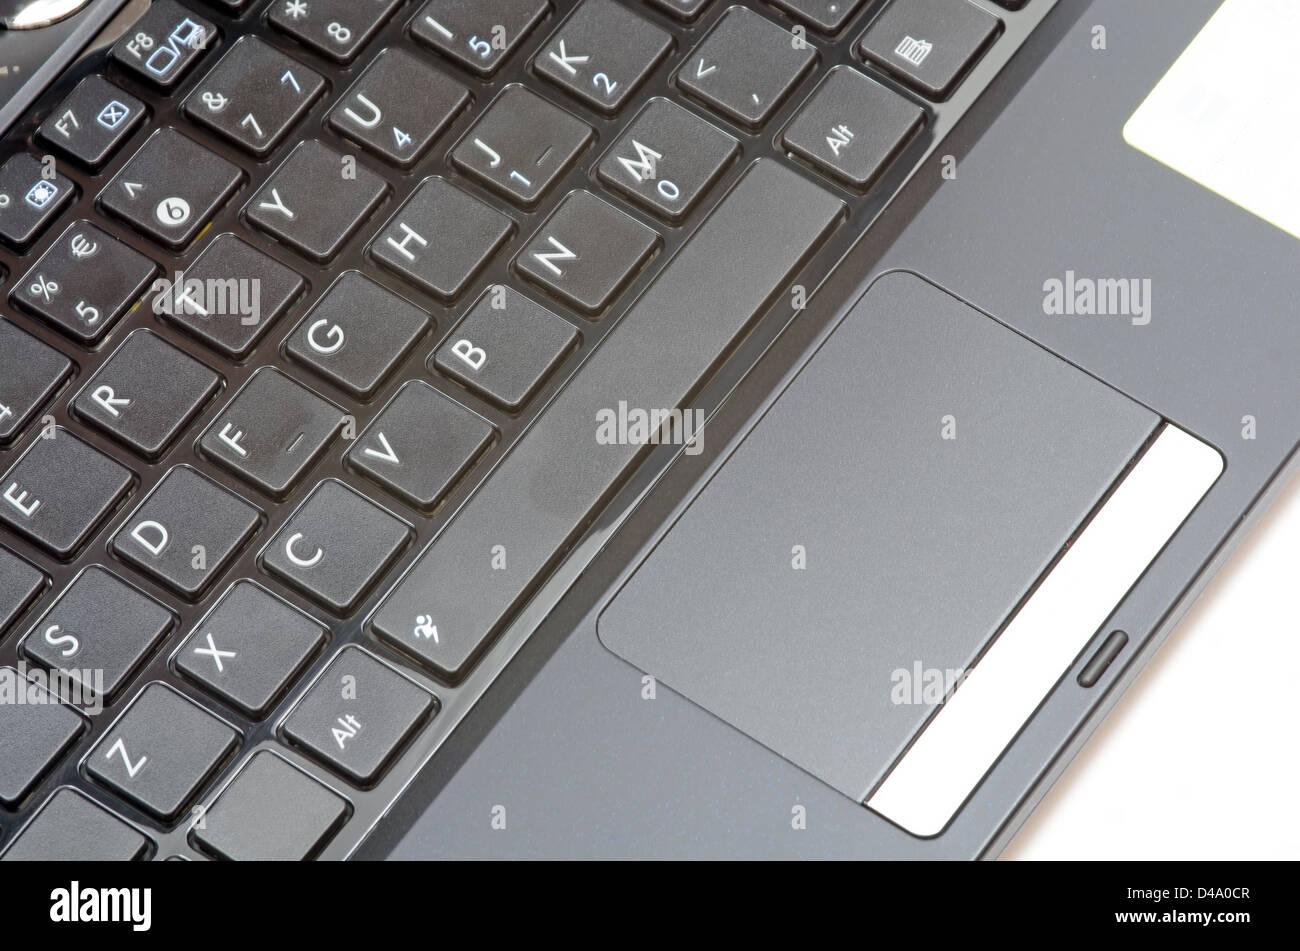 Ratón y teclado de netbook en blanco Imagen De Stock